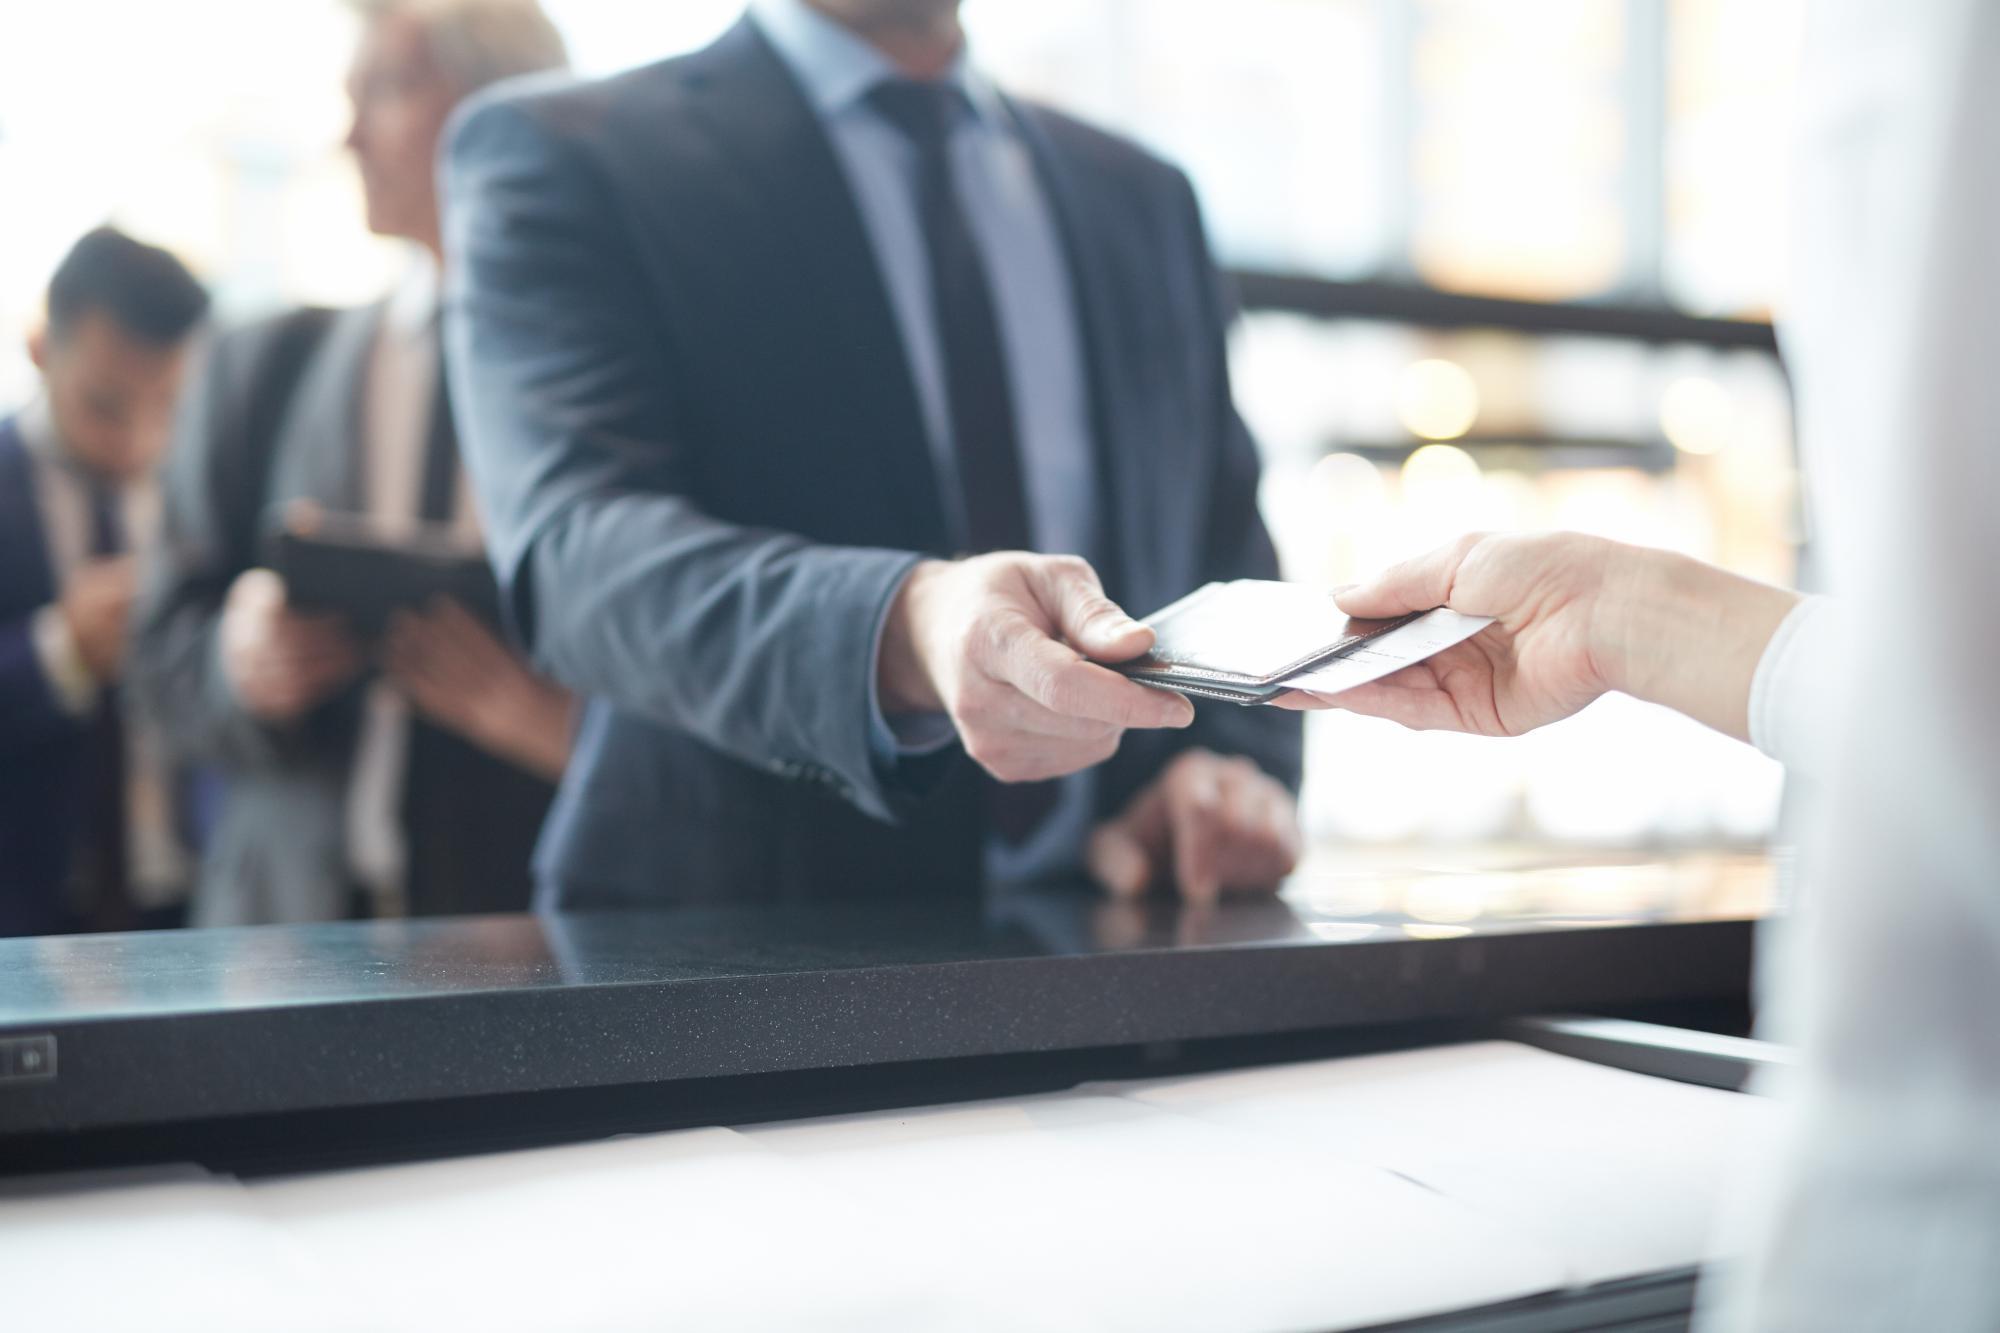 Обязательную регистрацию для безвизового посещения ЕС перенесли на 2023 год